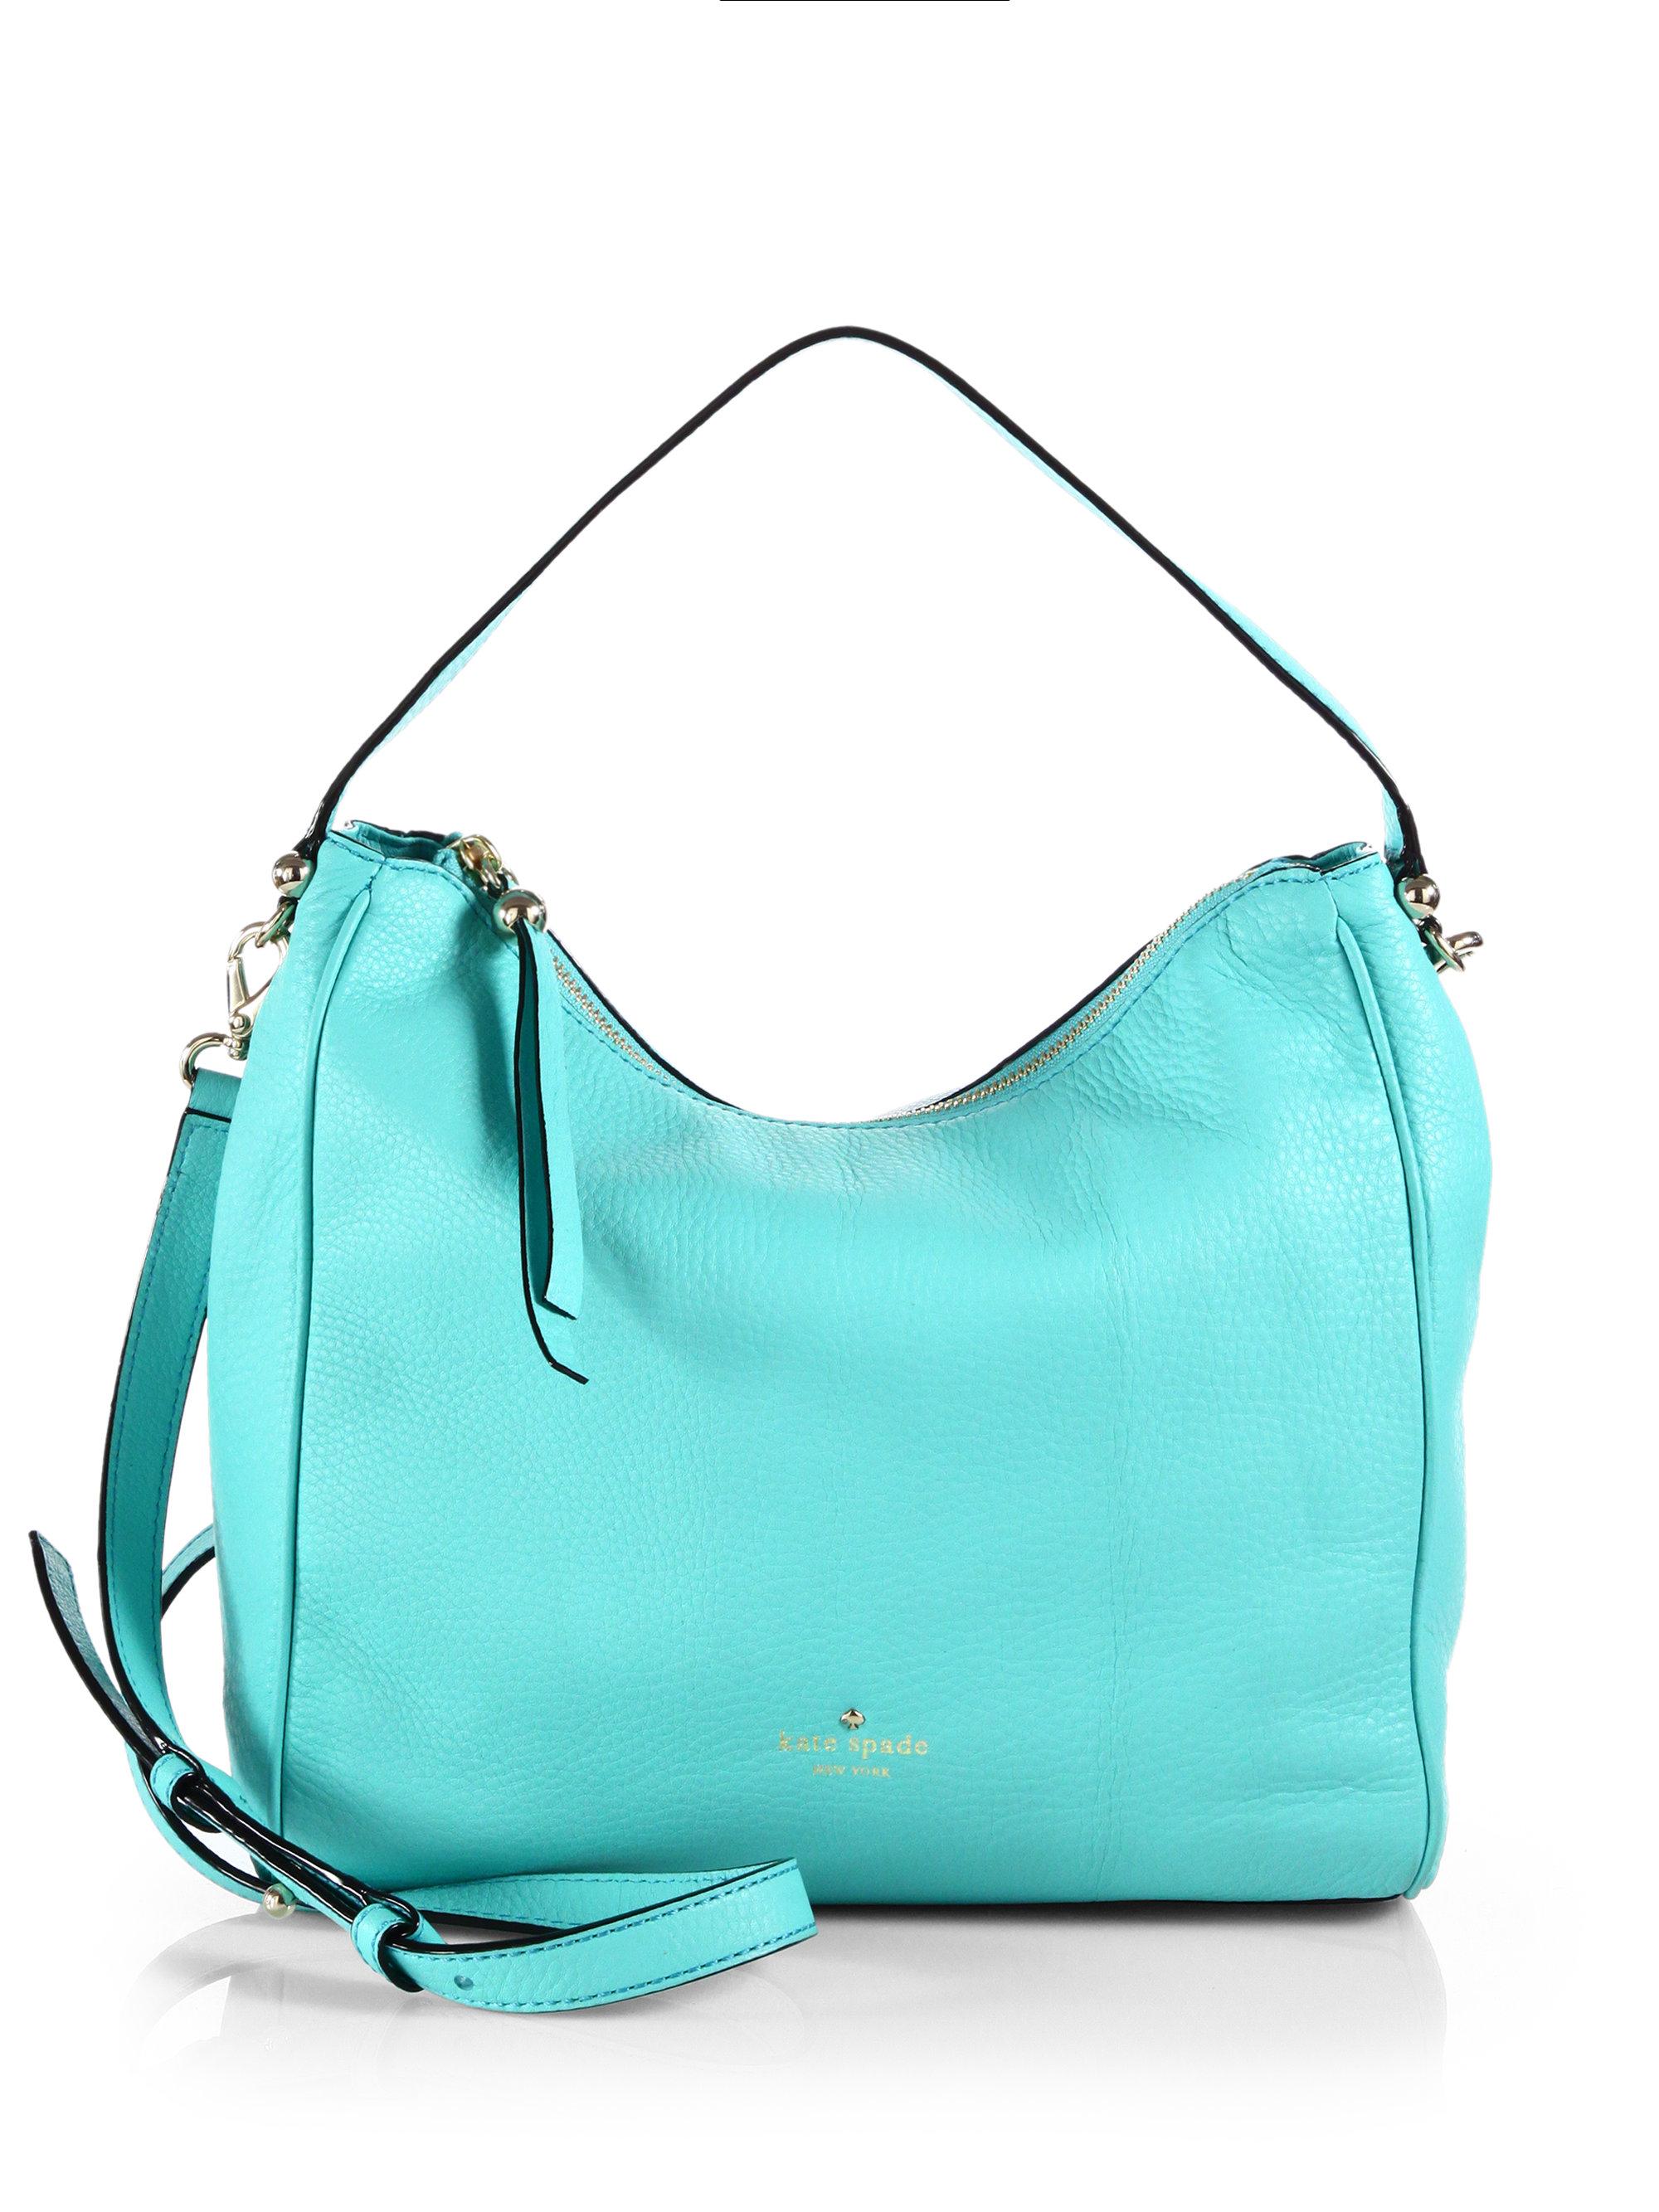 Lyst - Kate Spade Charles Street Haven Shoulder Bag in Black 9bc09d61d9dc4